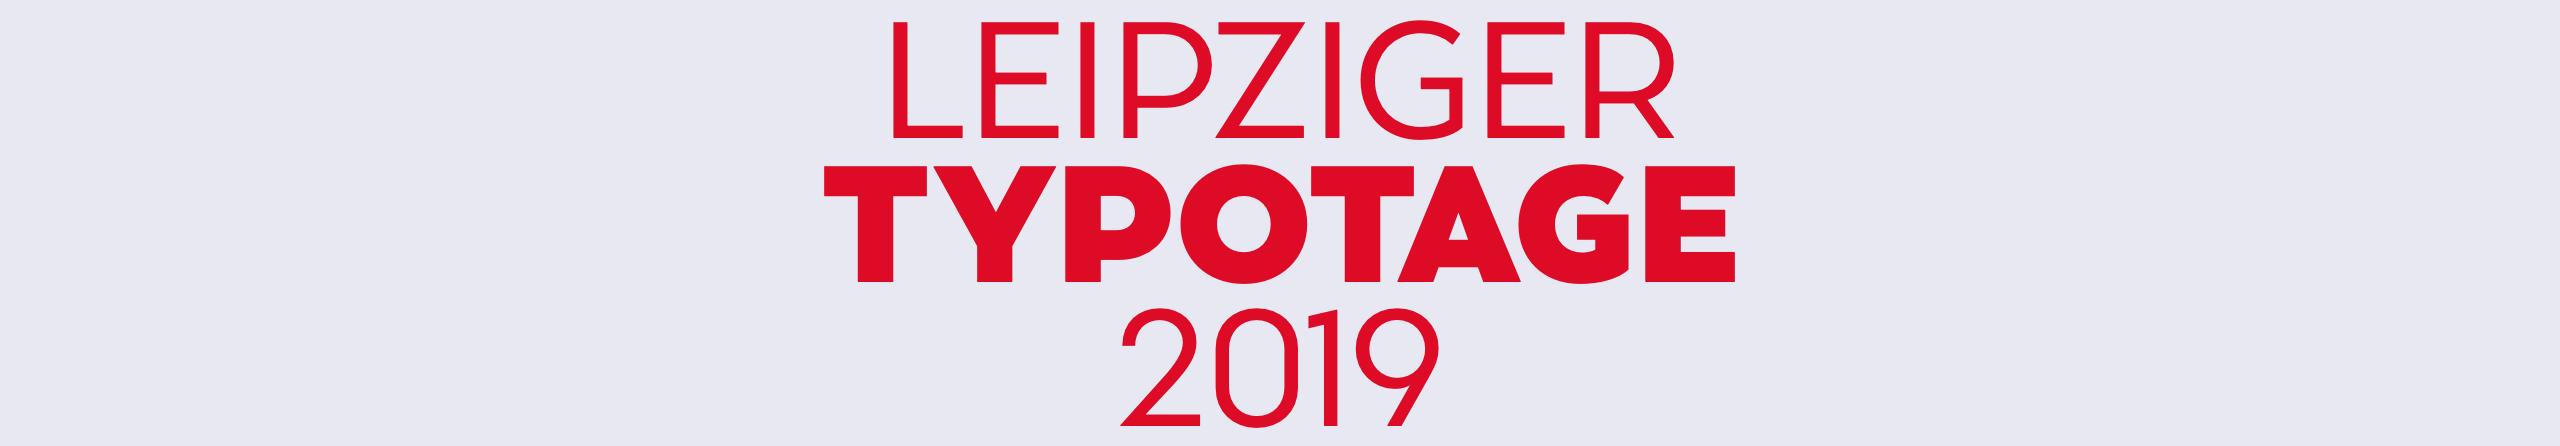 Typotage Leipzig 2019